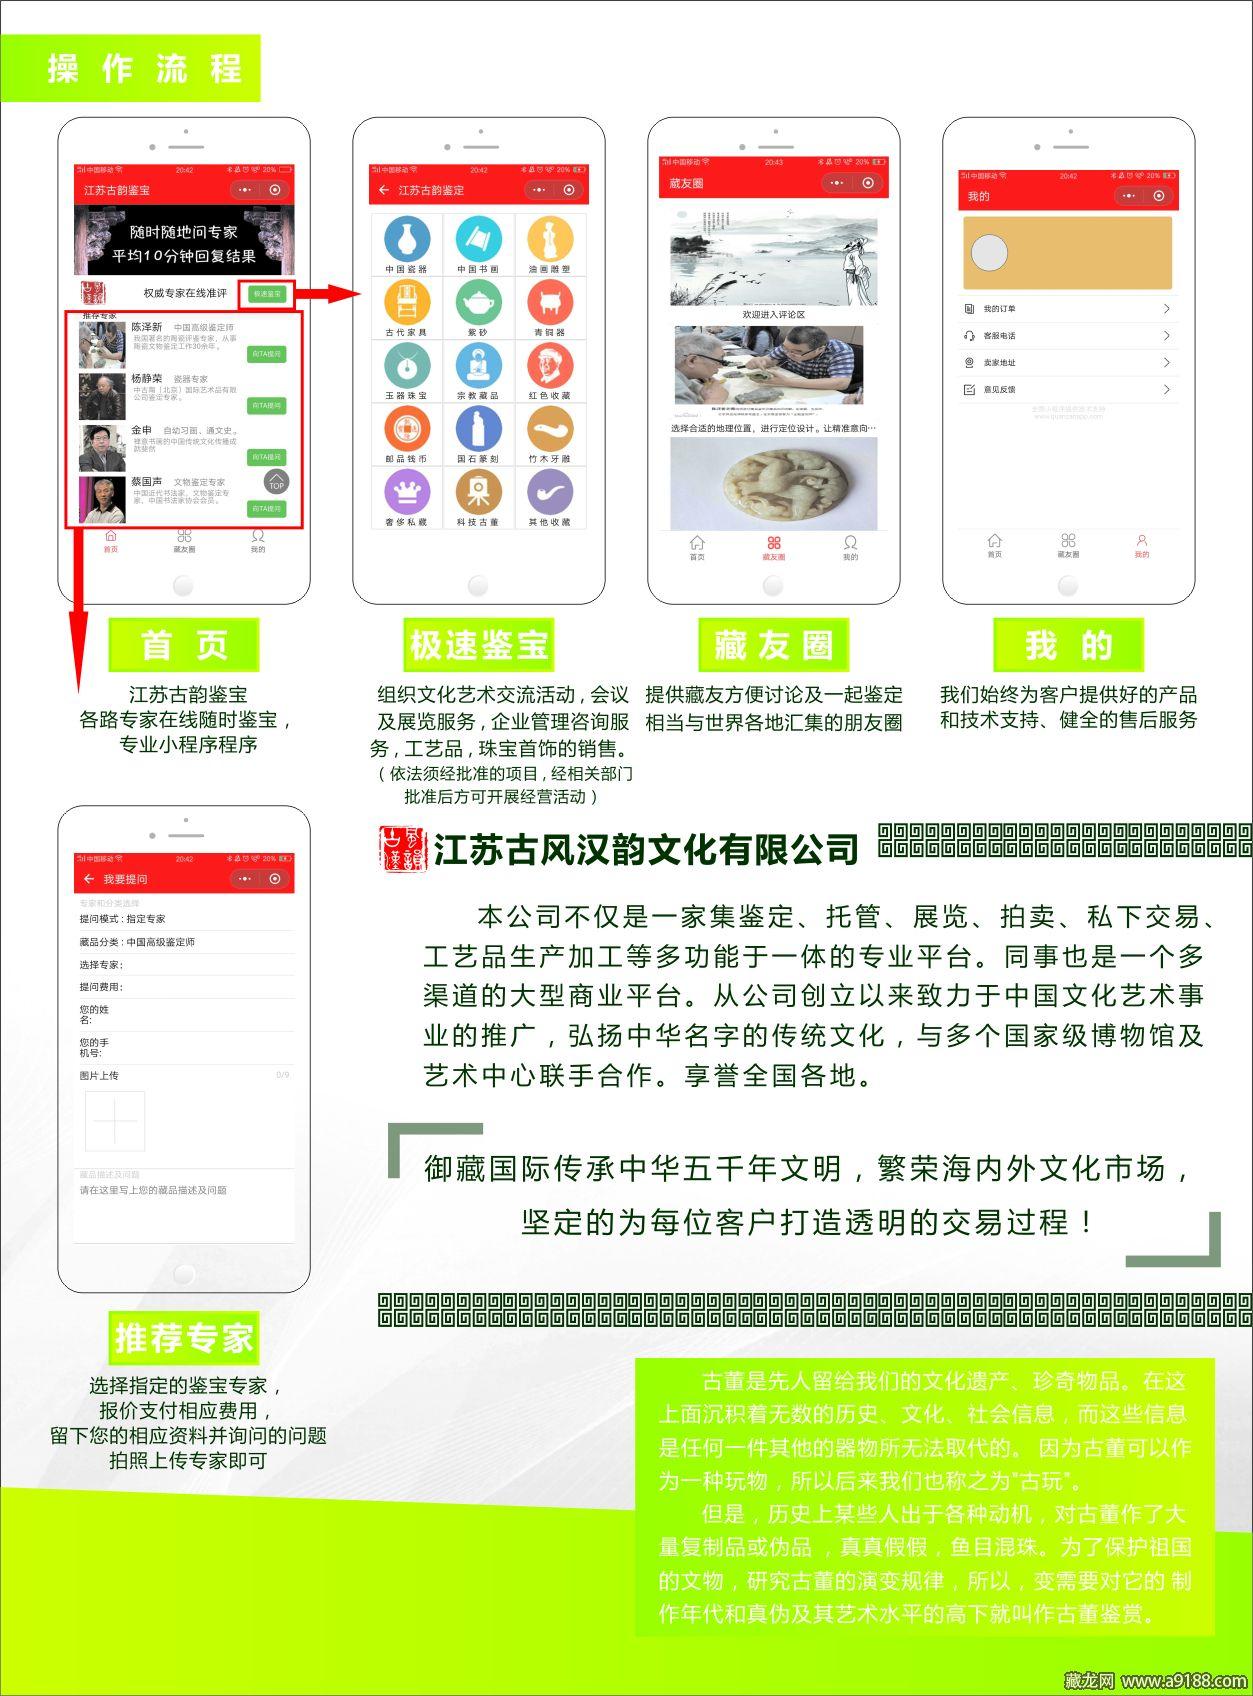 小程序宣传稿2.jpg